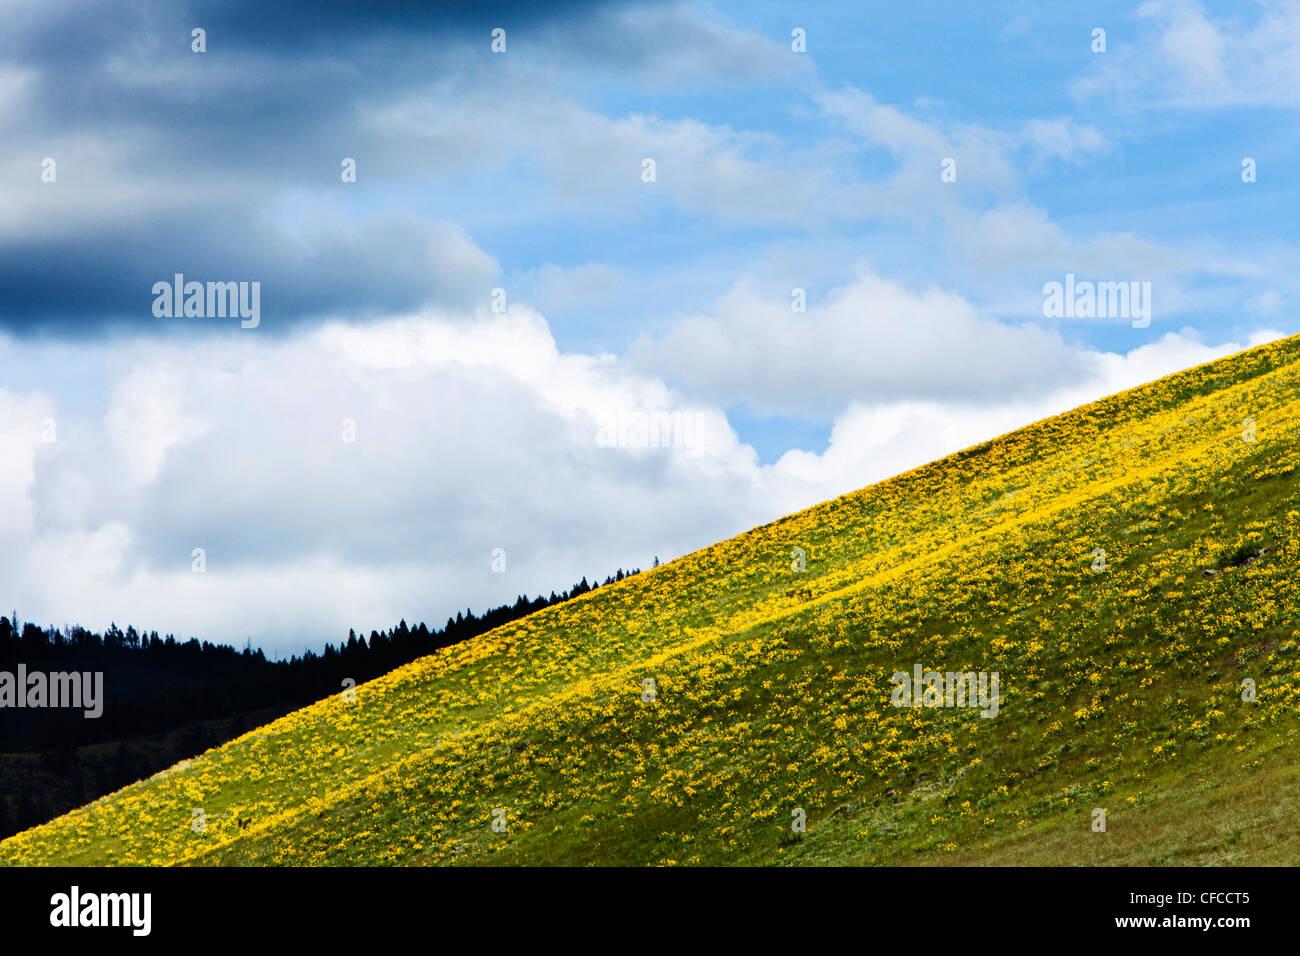 Une colline de fleurs sauvages fleurir sous un ciel orageux, dans le Montana. Photo Stock